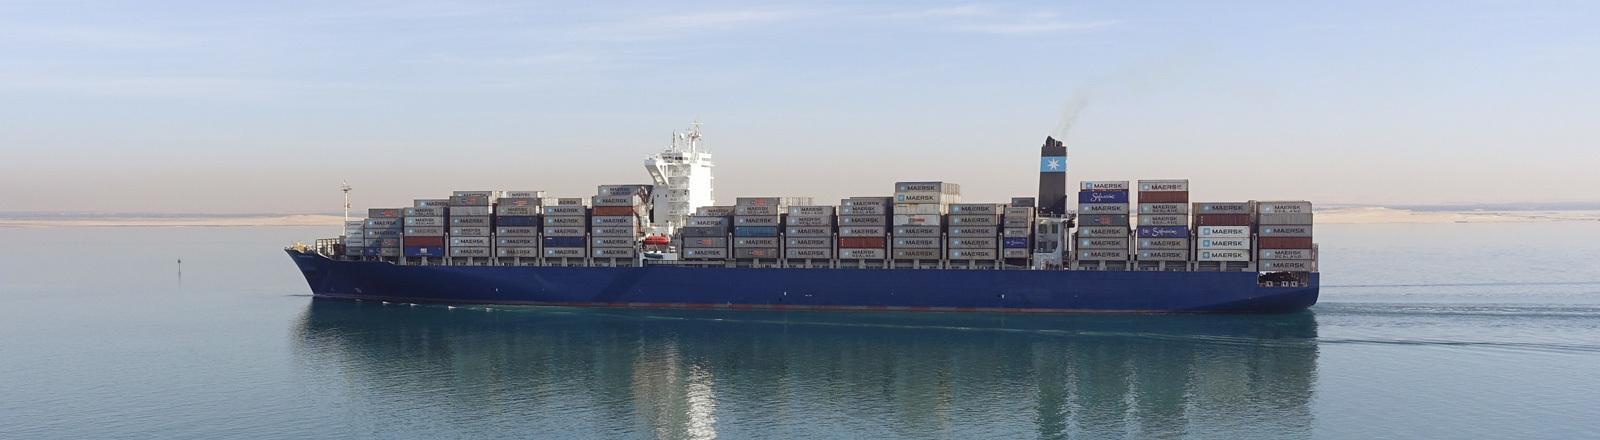 Ein großes Containerschiff fährt sehr langsam auf dem Meer.